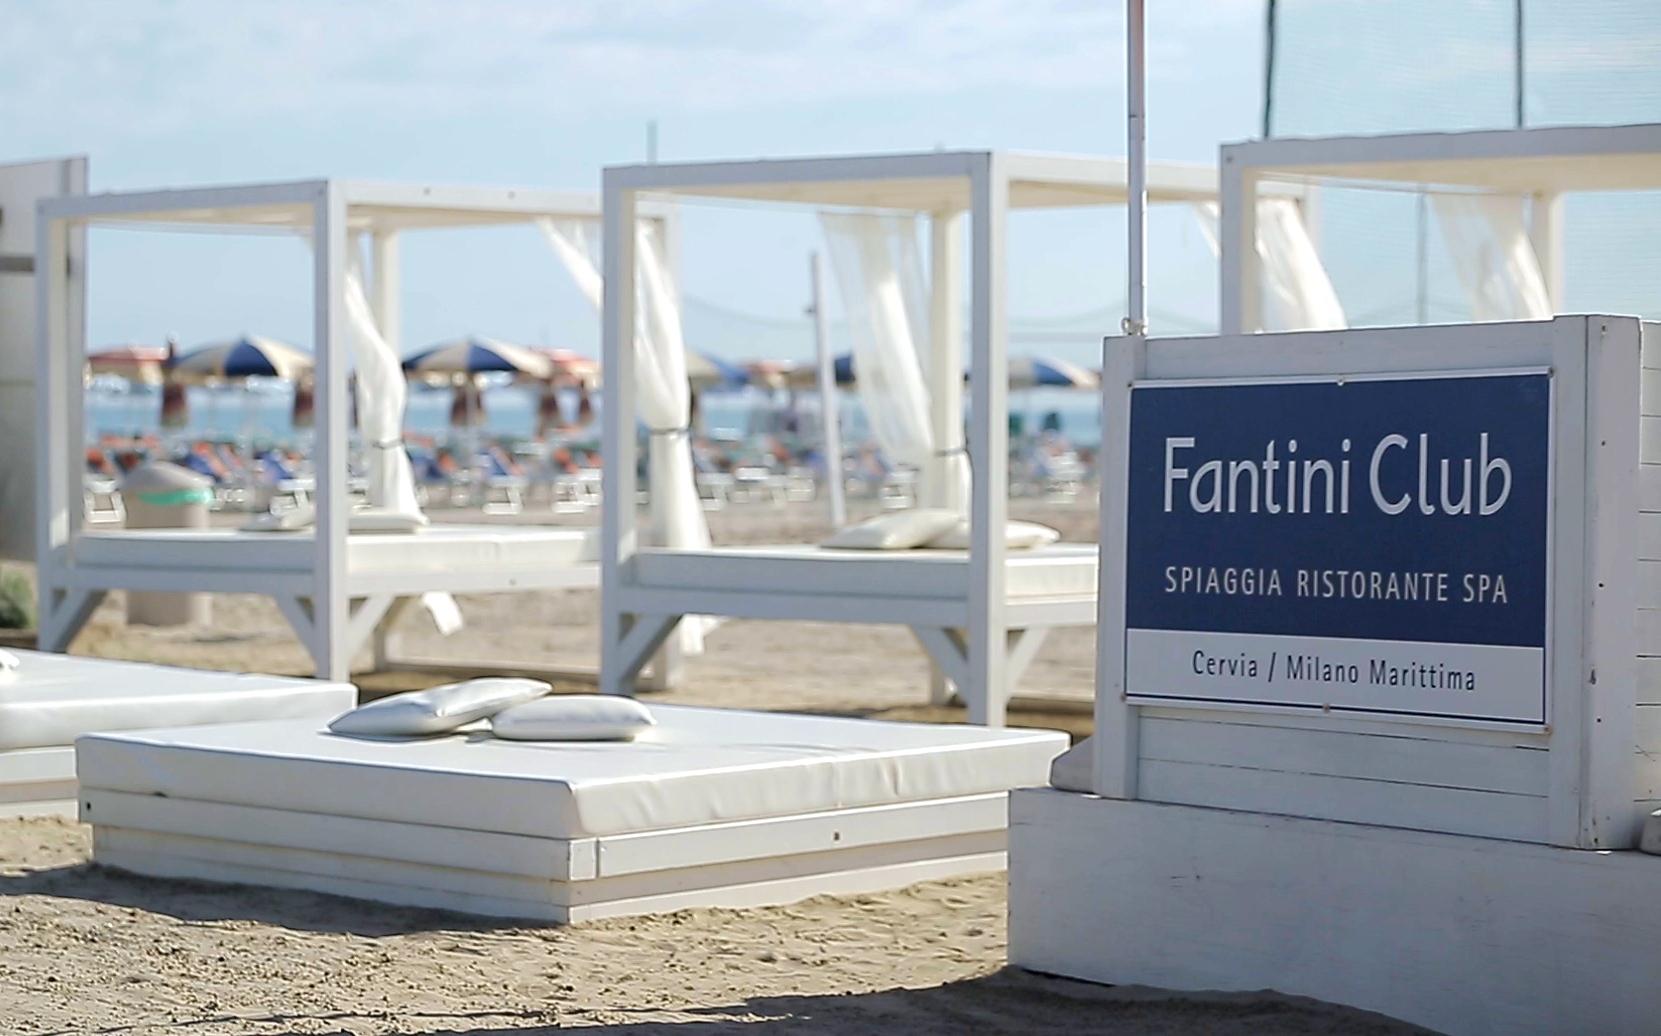 Fantini Club